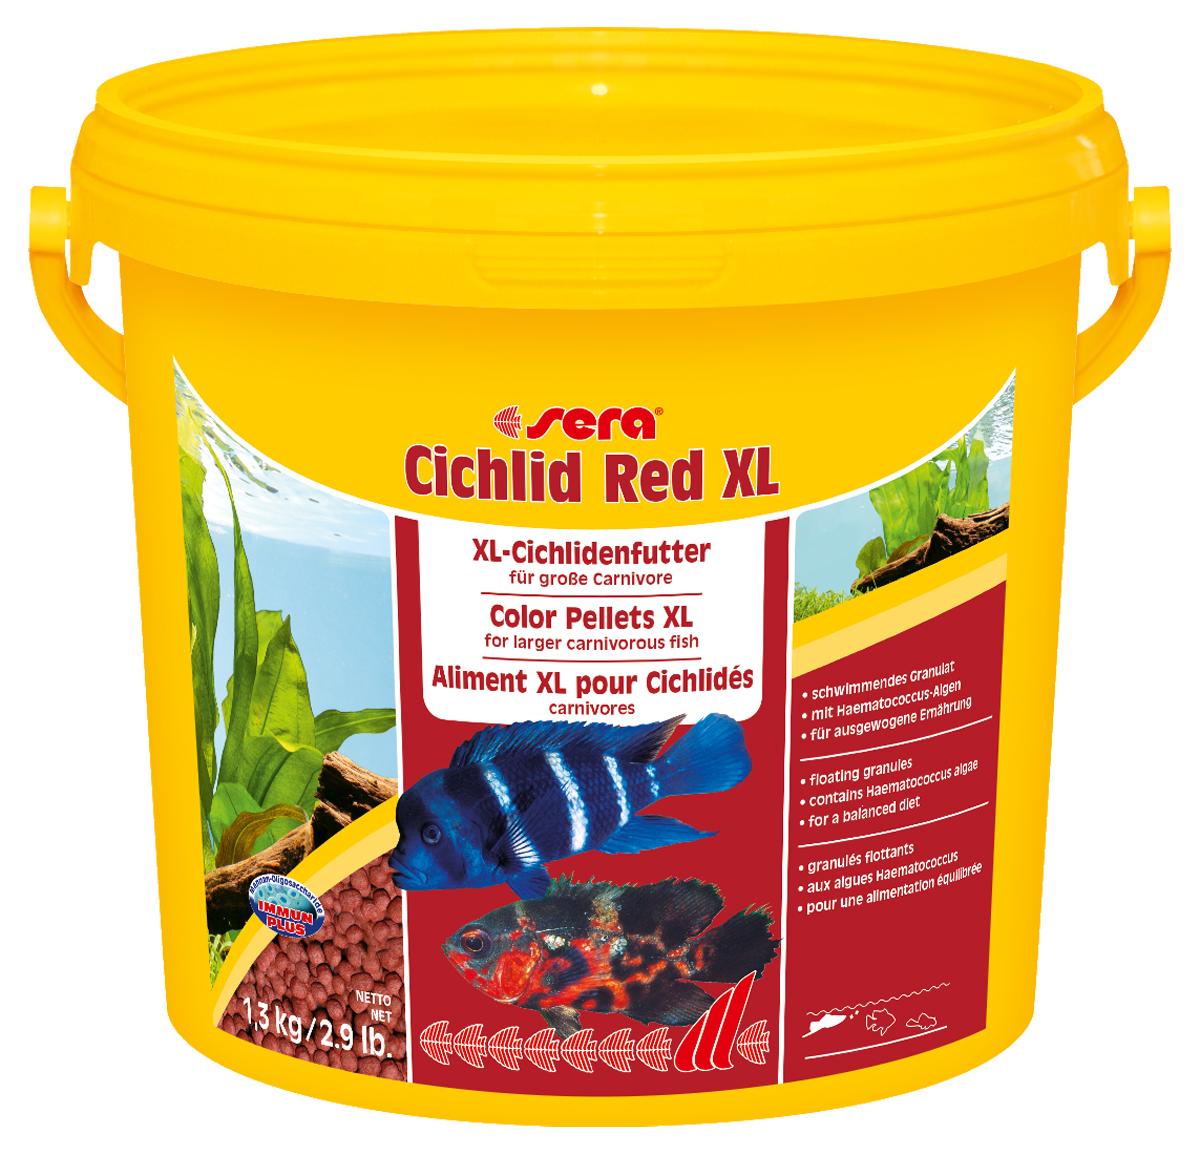 Корм для рыб Sera Cichlid Red XL, 1,3 кг69559Корм для рыб Sera Cichlid Red XL - основной корм для крупных плотоядных цихлид и других крупных всеядных рыб. Корм состоит из специально подготовленных гранул. Высокое содержание белков и омега-жирных кислот из водорослей Haematococcus помогает достичь оптимального и здорового развития и цвета, гранулы имеют особый вкус и отличную поедаемость. Плавающие гранулы обладают высокой стабильностью в воде и не загрязняют воду. Инструкция по применению: Кормить один-два раза в день, но только в том количестве, которое рыбы могут съесть в течение короткого периода времени. Ингредиенты: рыбная мука (40%), кукурузный крахмал, пшеничная мука, пшеничная клейковина, пшеничные зародыши, пивные дрожжи, спирулина, рыбий жир (49% Омега жирных кислот), водоросль гематококкус (0,5%), криль, маннанолиго-сахариды (0,4%), травы, люцерна, крапива, петрушка, зеленые мидии, морские водоросли, паприка, шпинат, морковь, чеснок. Аналитический состав: протеин 40,0%, жиры 7,5%, клетчатка 4,5%, влажность 5,5%, зольные вещества 7,9%.Витамины и провитамины: витамин А 16.800 ME/ кг, витамин D3 820 МЕ/кг, витамин Е (D, L-a-tocopheryl acetate) 54 мг/кг, витамин В1 16 мг/кг, витамин В2 41 мг/кг, витамин С (L-ascorbyl monophosphate) 250 мг/кг. Содержит пищевые красители, допустимые в ЕС. Товар сертифицирован.